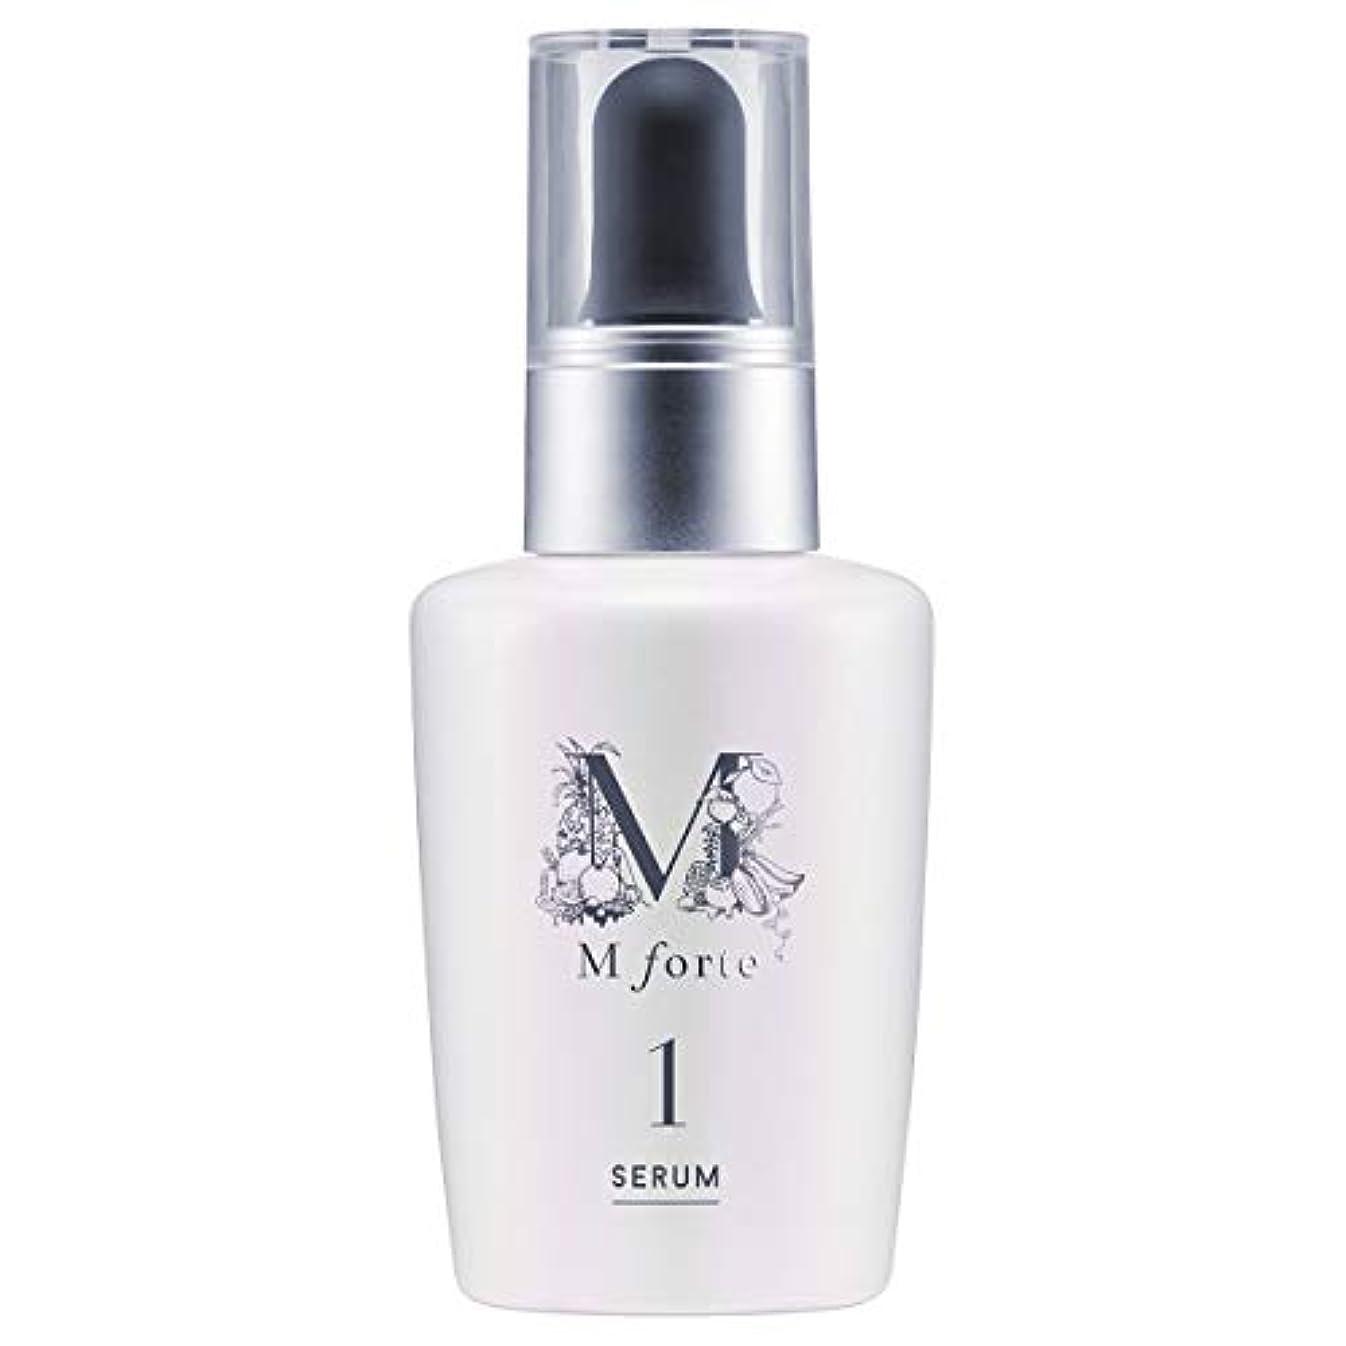 哲学的人間香水万田酵素 エムフォルテ ベースセラム 30ml 先行美容液